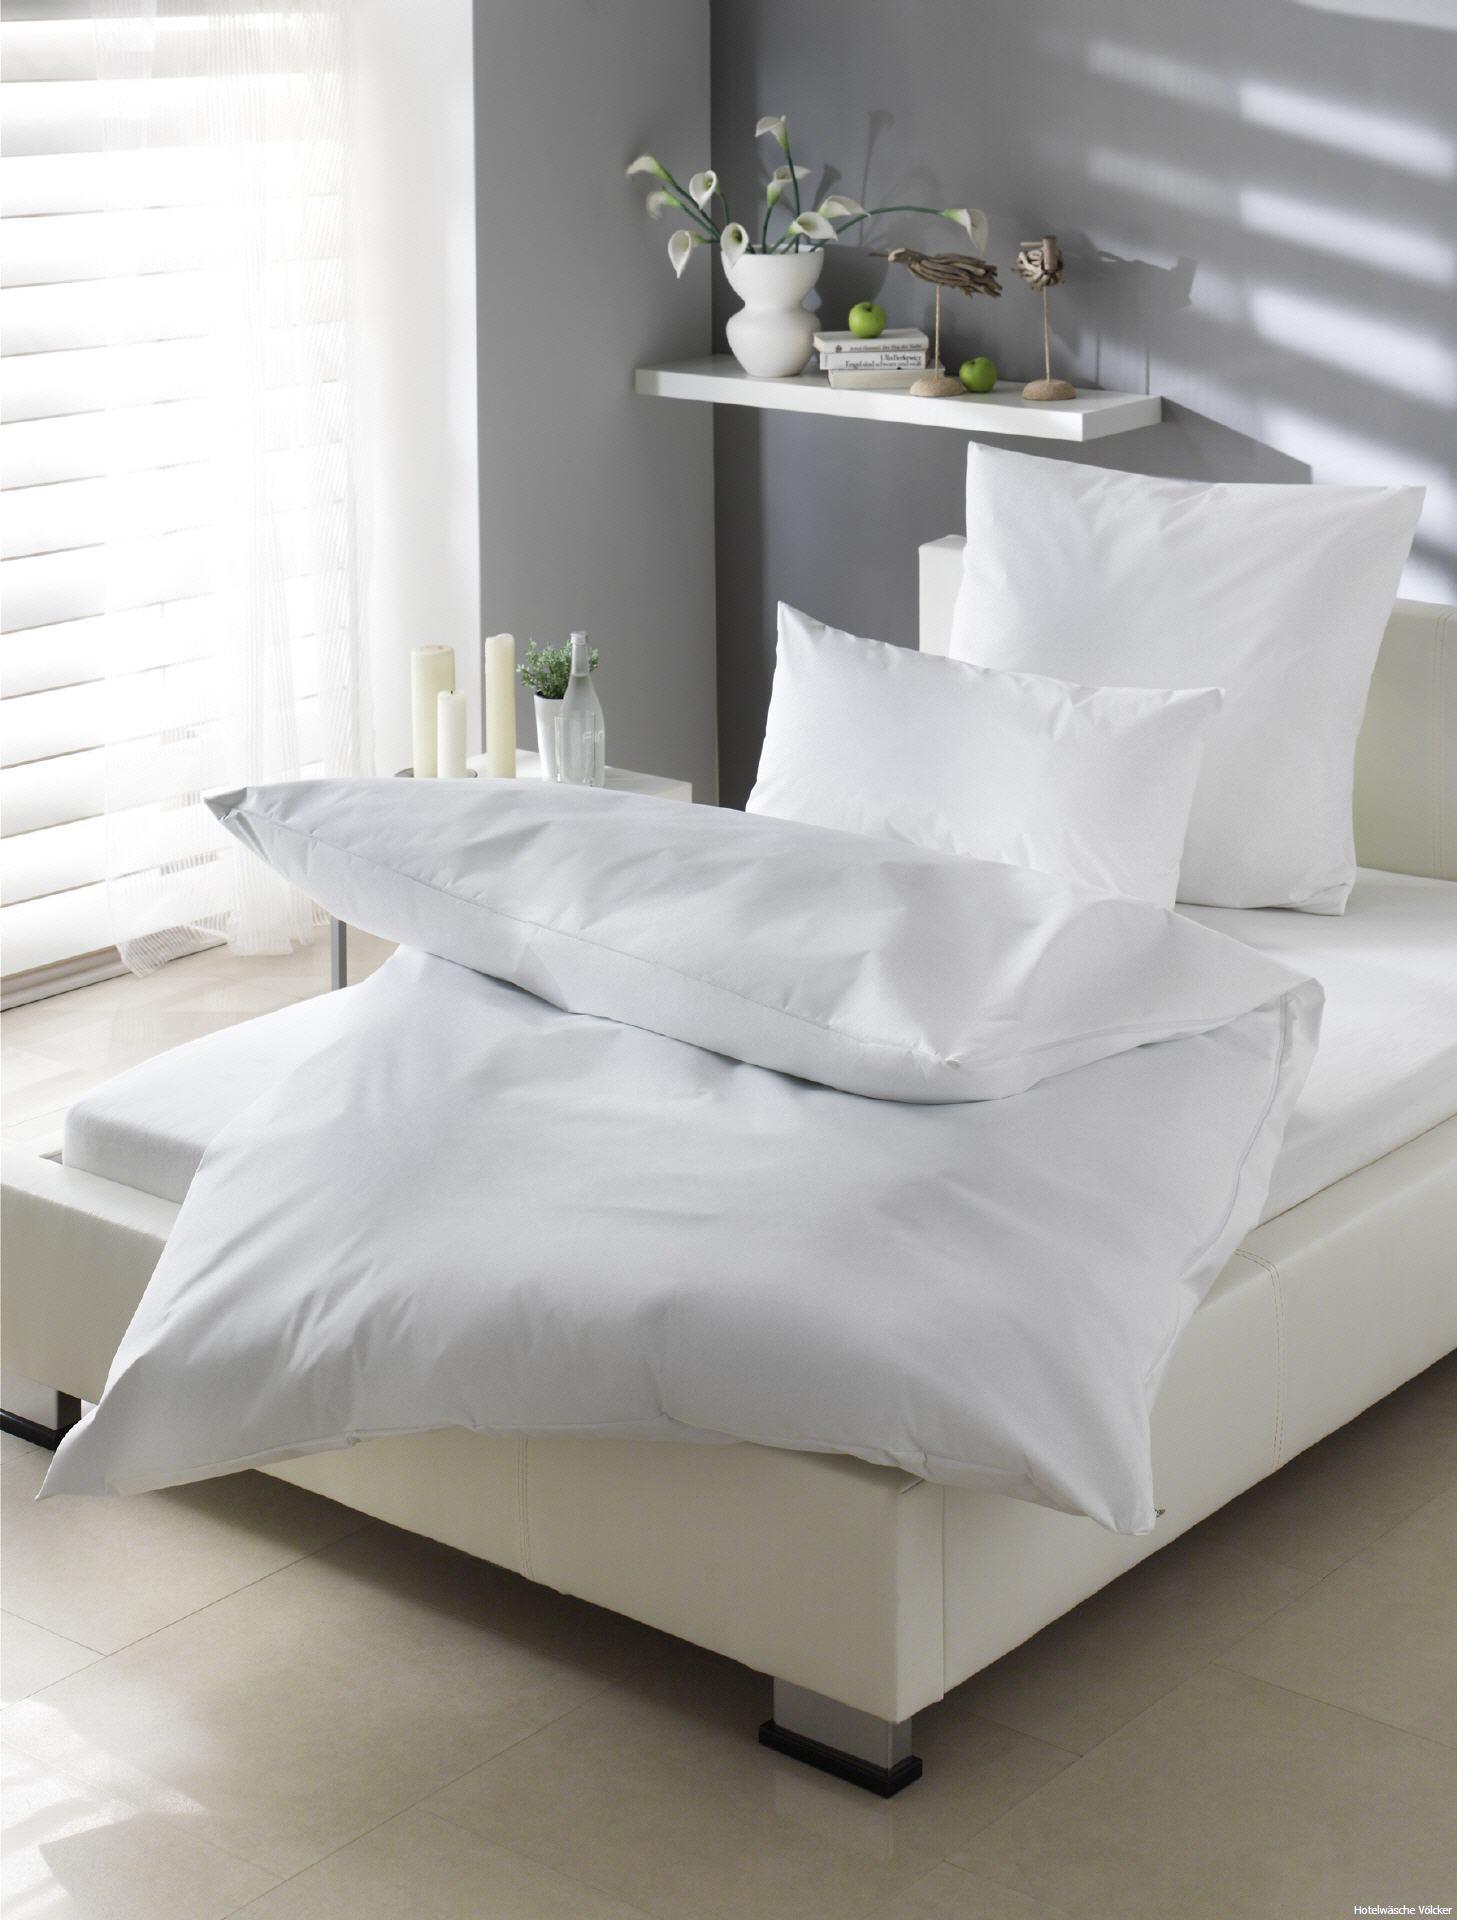 b gelfreie seersucker bettw sche stuttgart uni mit hotelverschlu f r hotel gastronomie. Black Bedroom Furniture Sets. Home Design Ideas